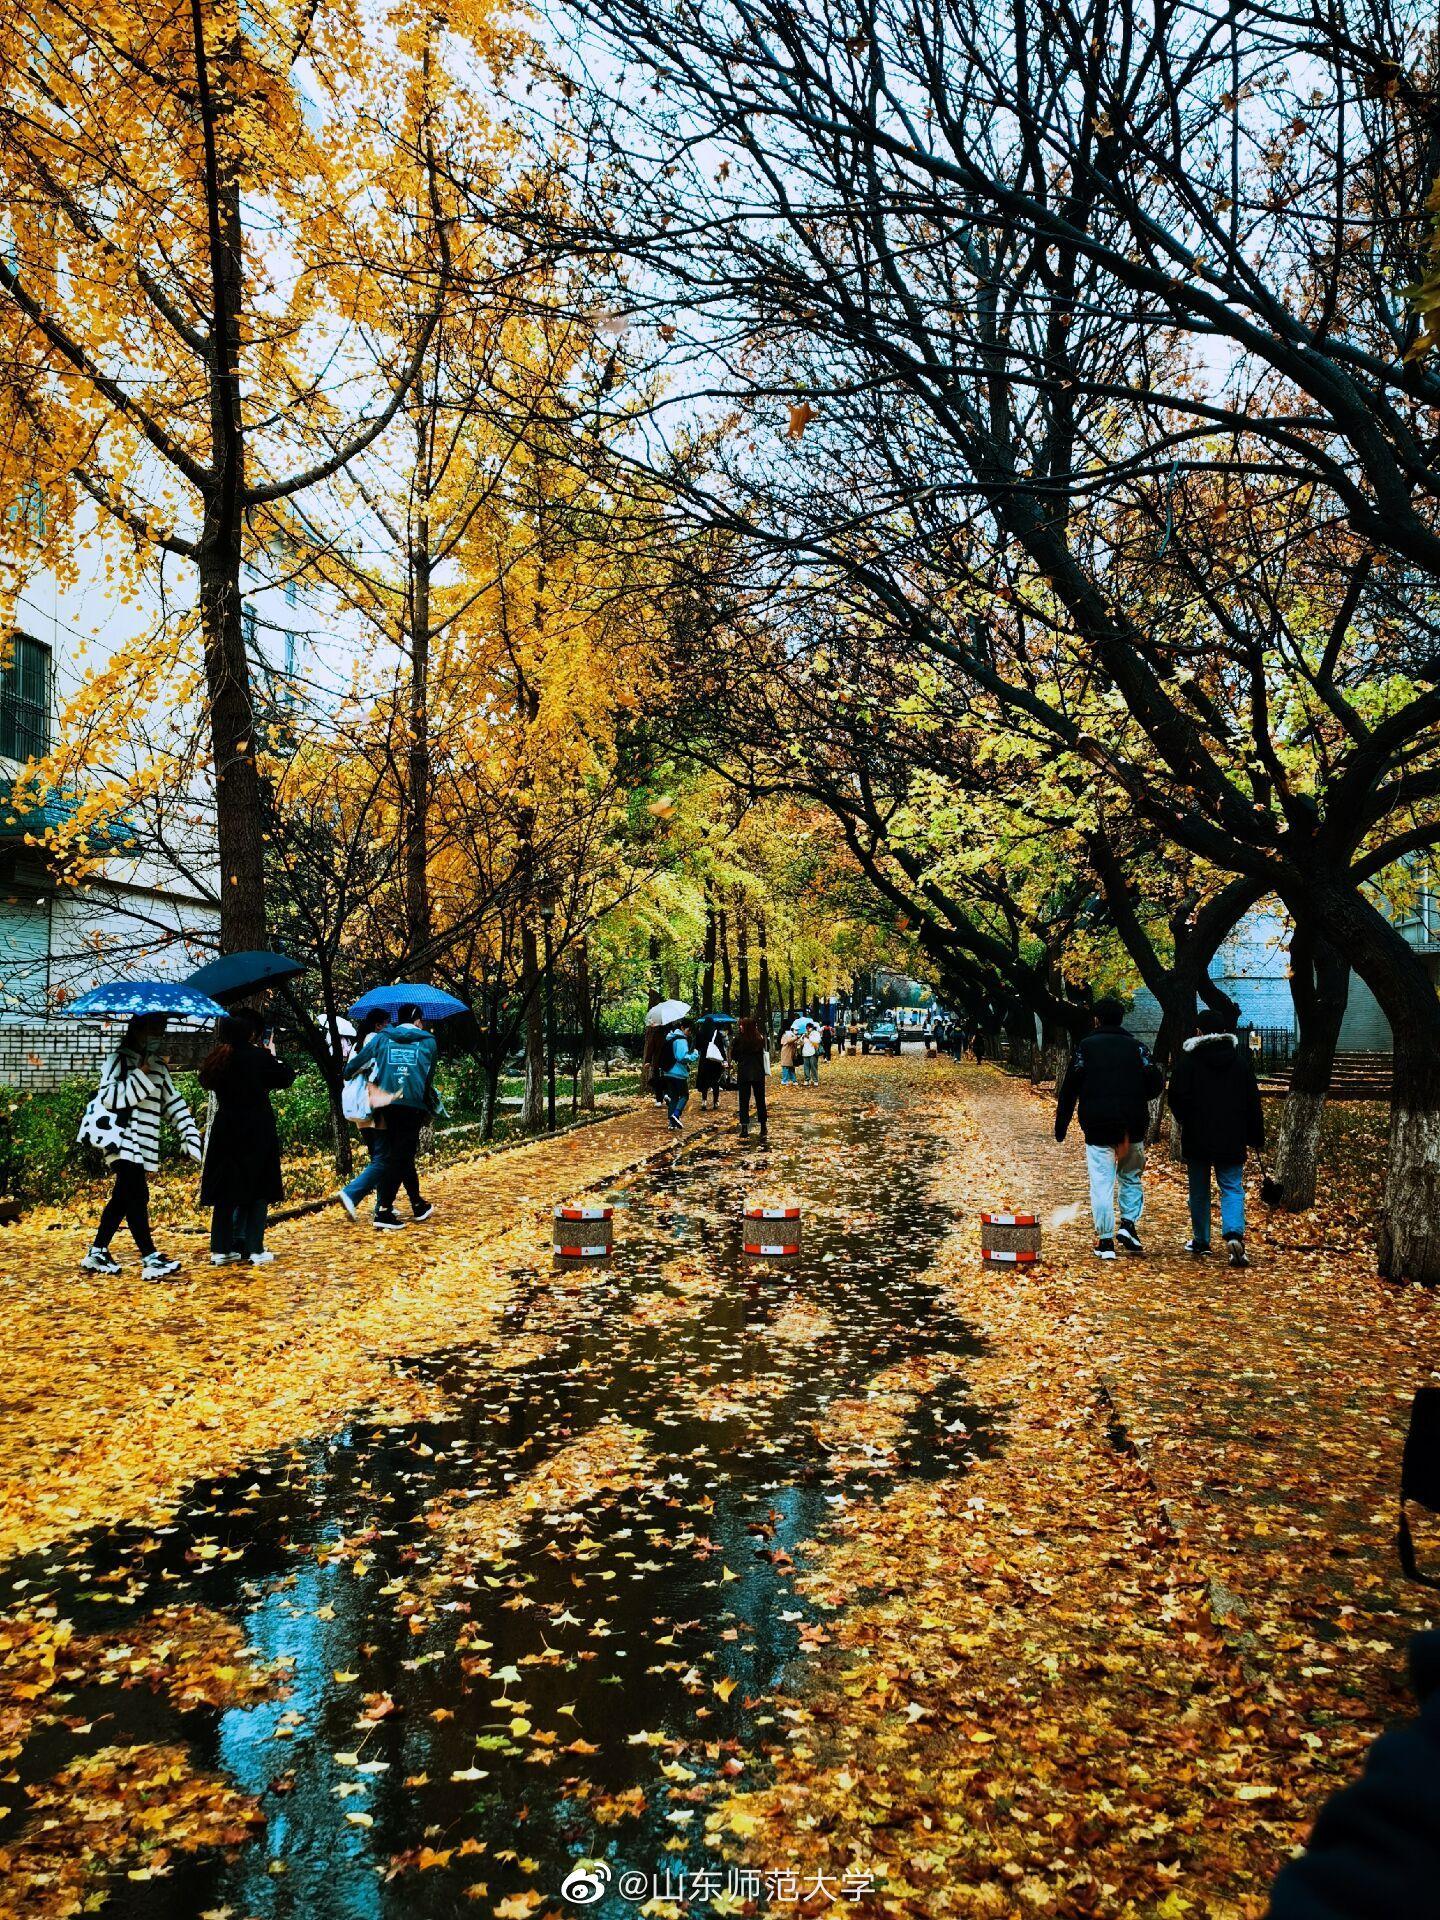 山东师范大学老校区,数以千计的树木落叶纷纷